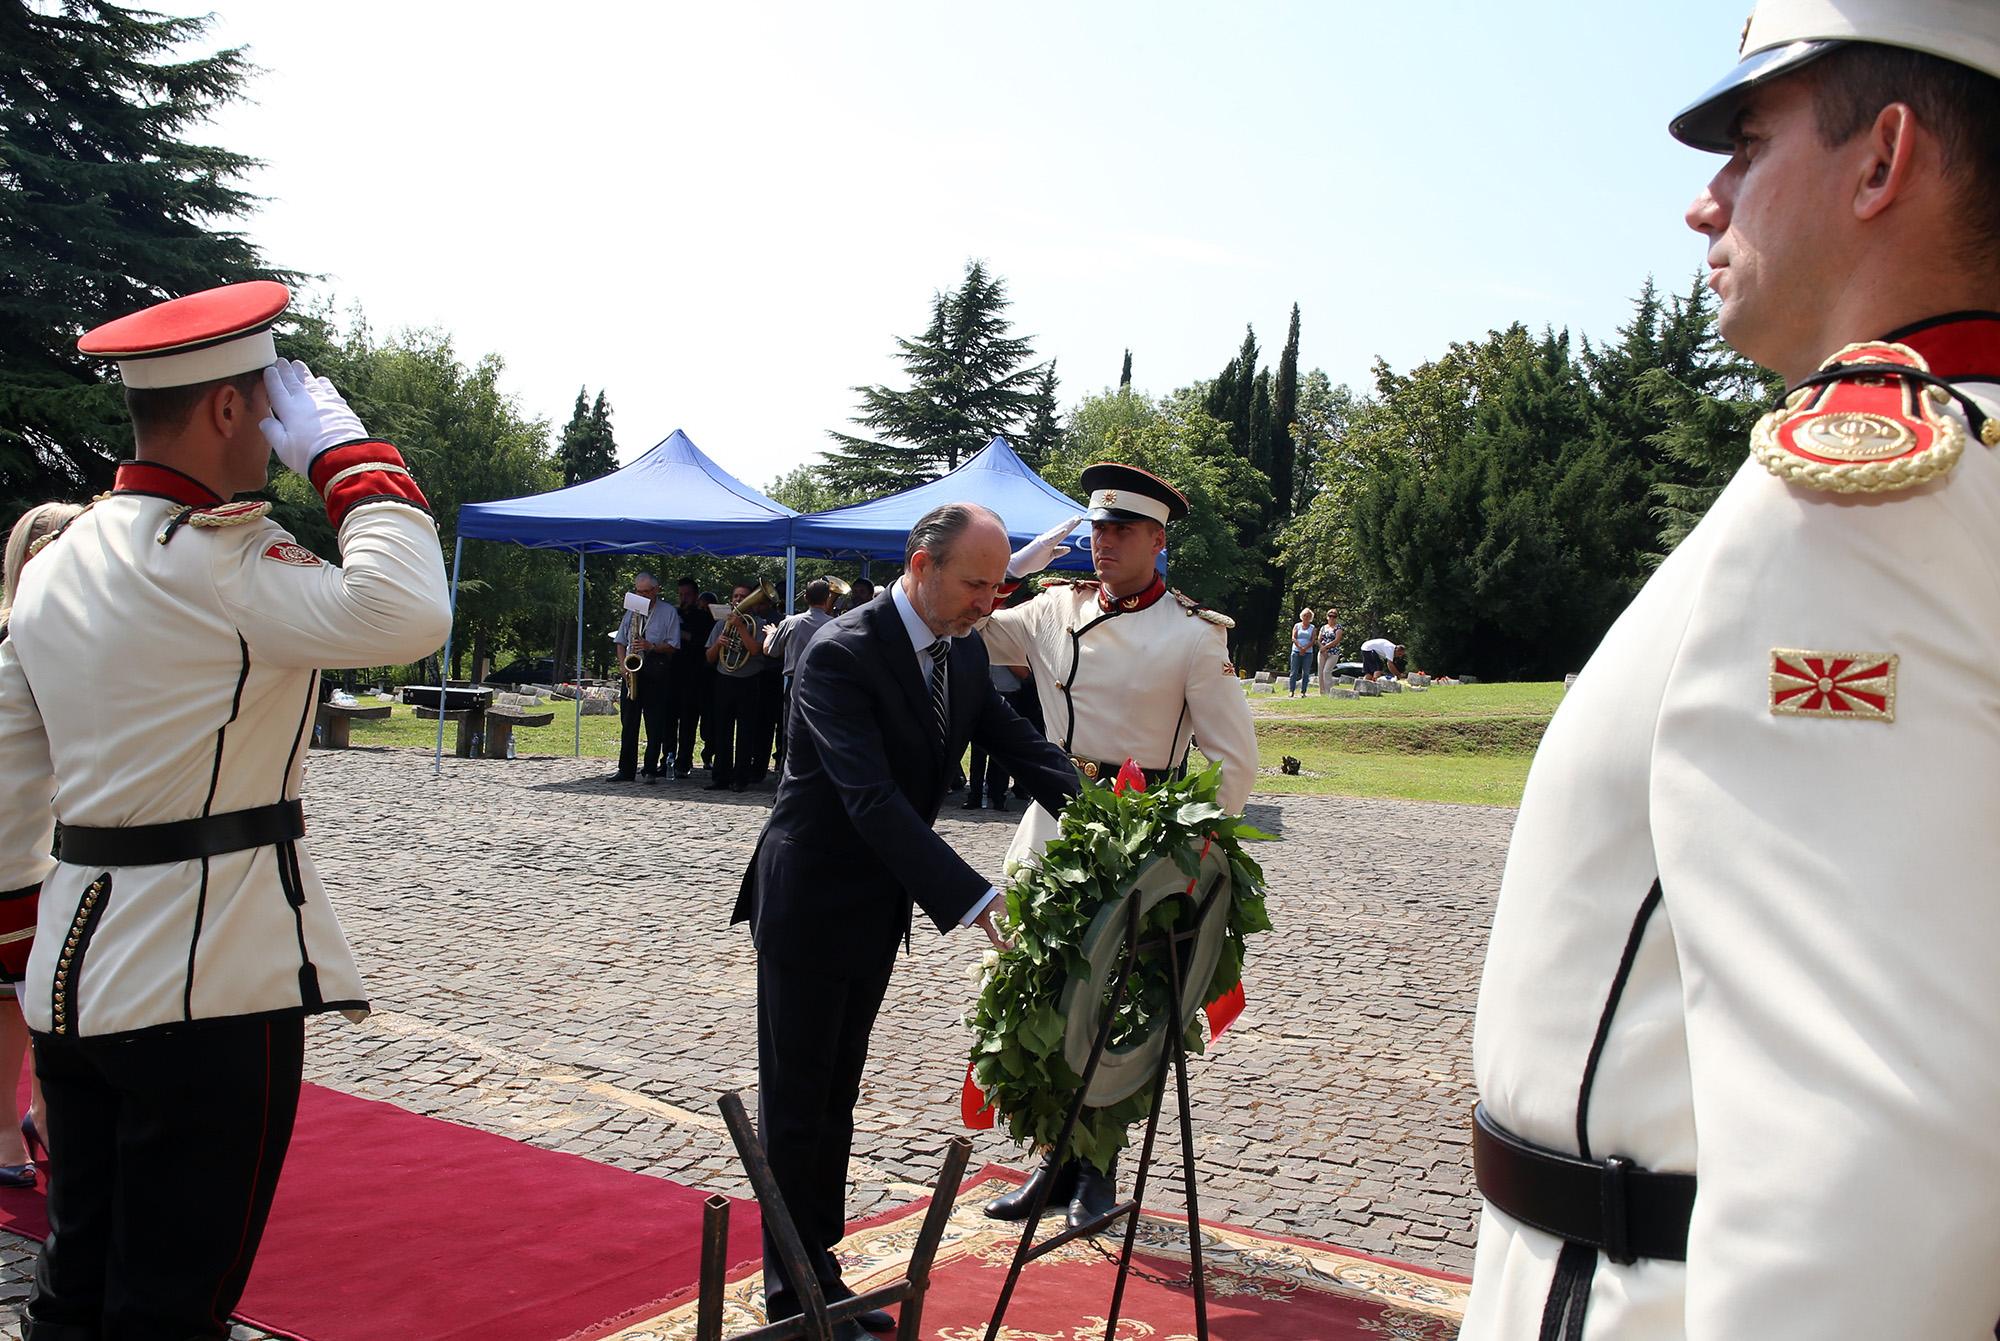 ФОТО: Одадена почит за жртвите од катастрофалниот земјотрес во Скопје